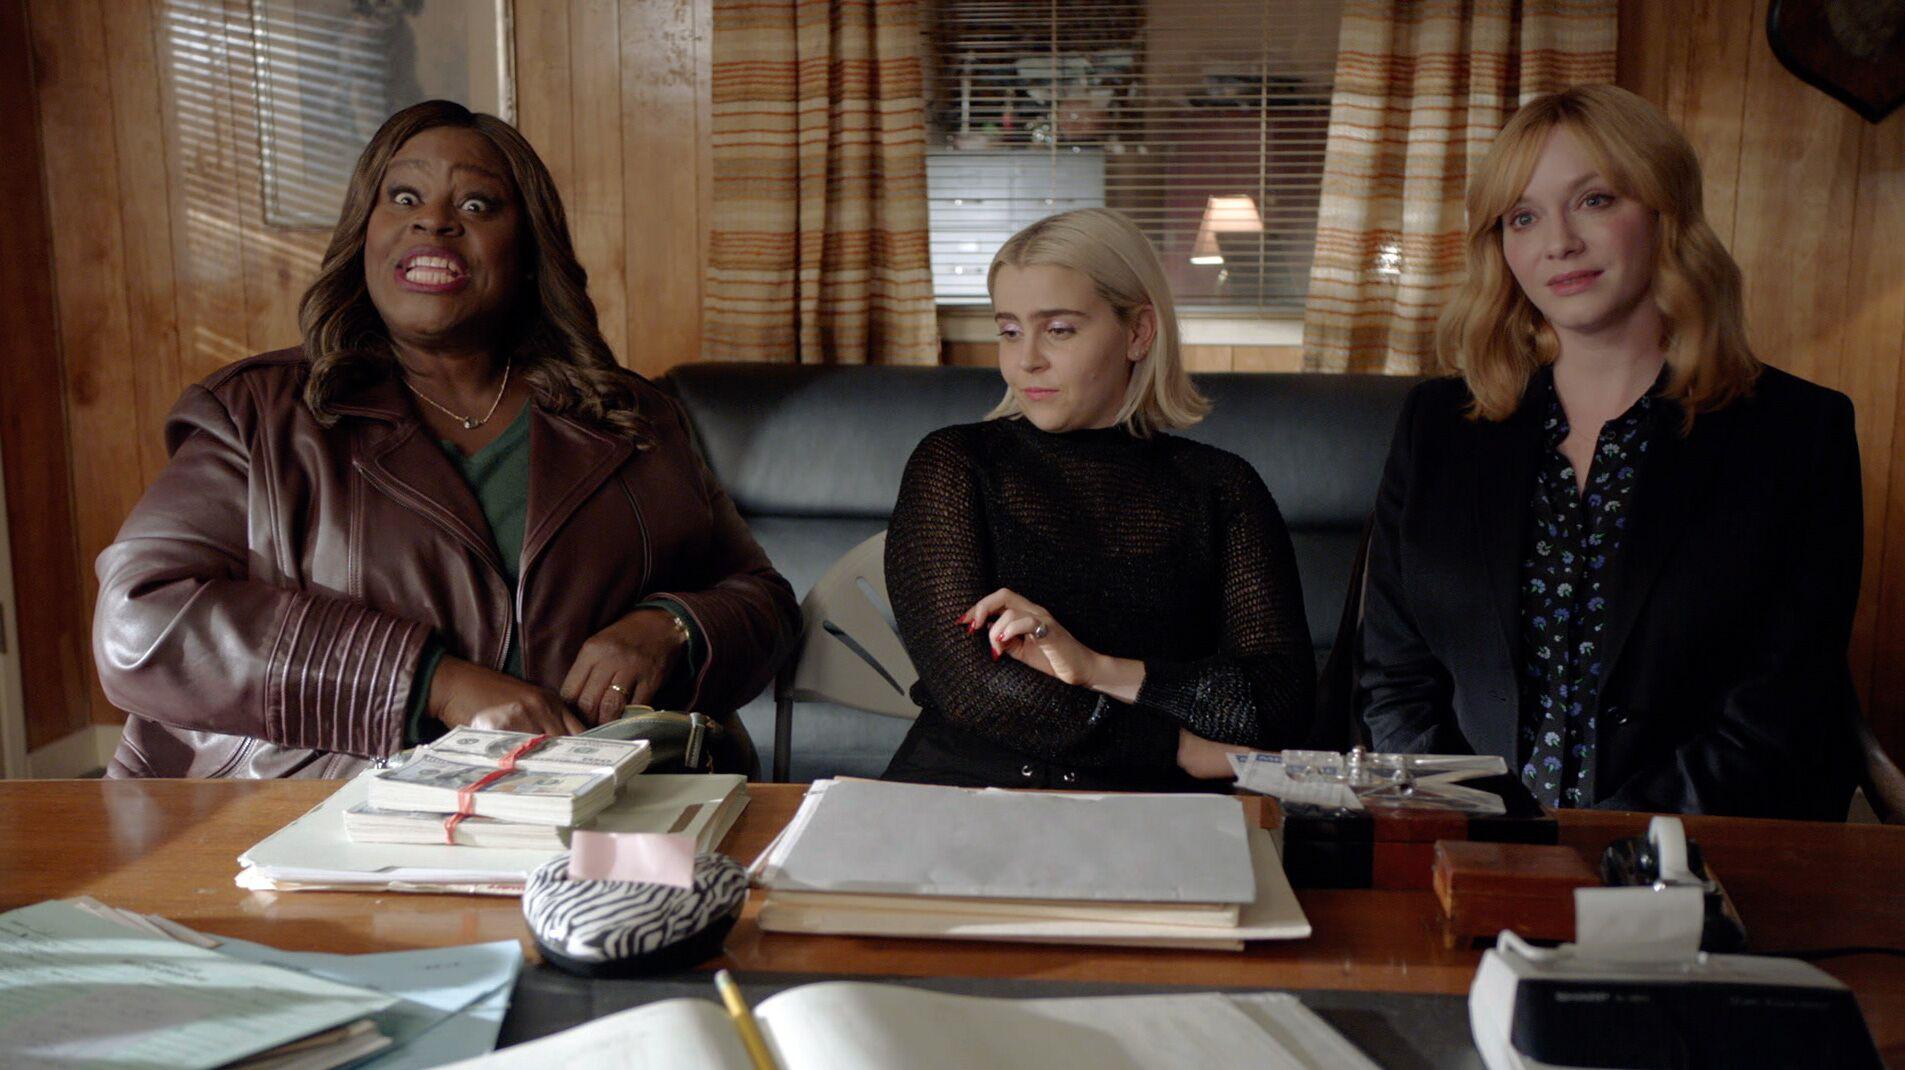 Três mulheres conversam com uma quarta pessoa não vista na imagem.